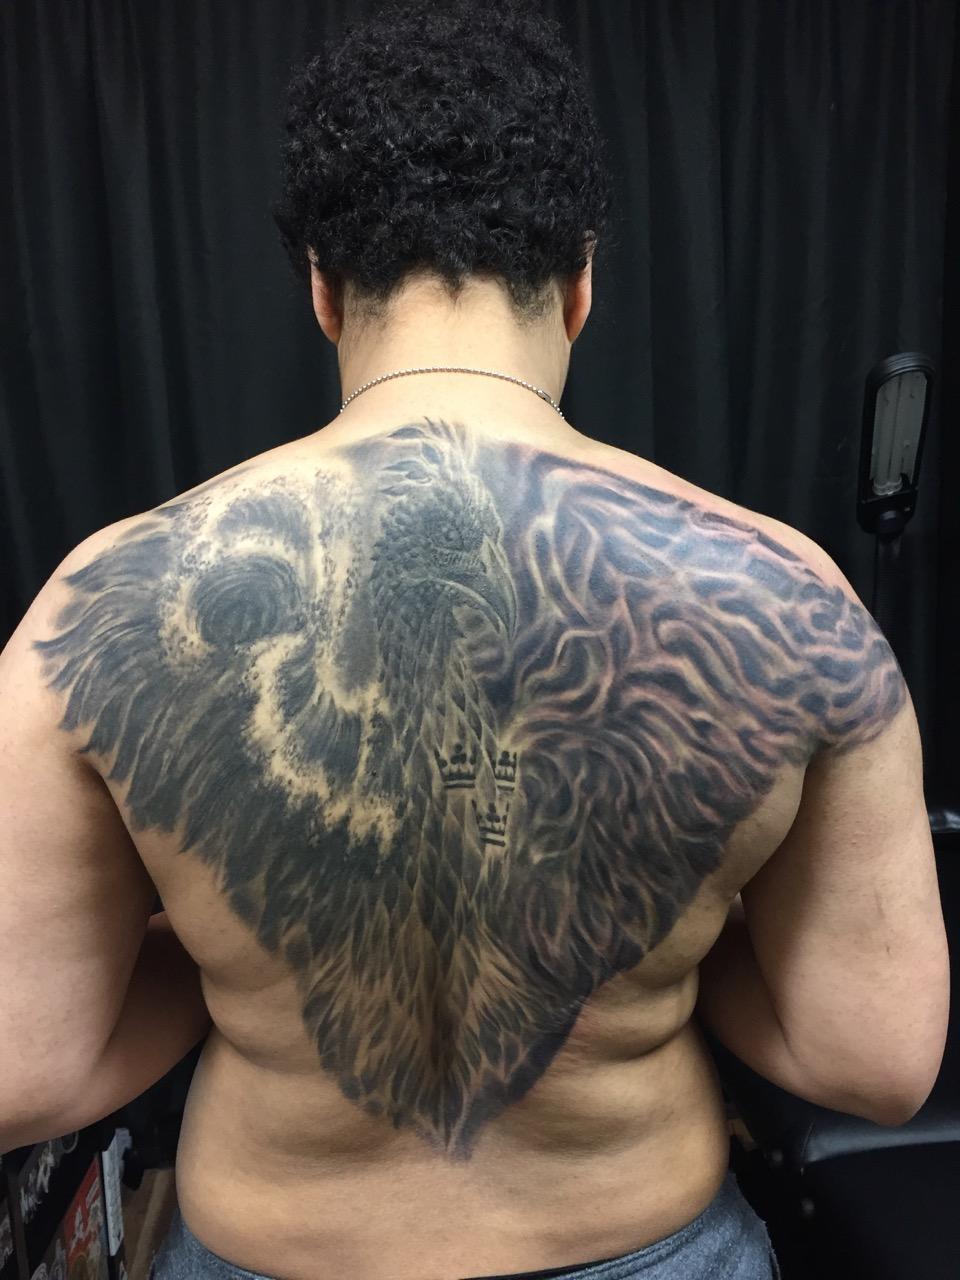 jesse_fowler_tattoos - 1 (8).jpg